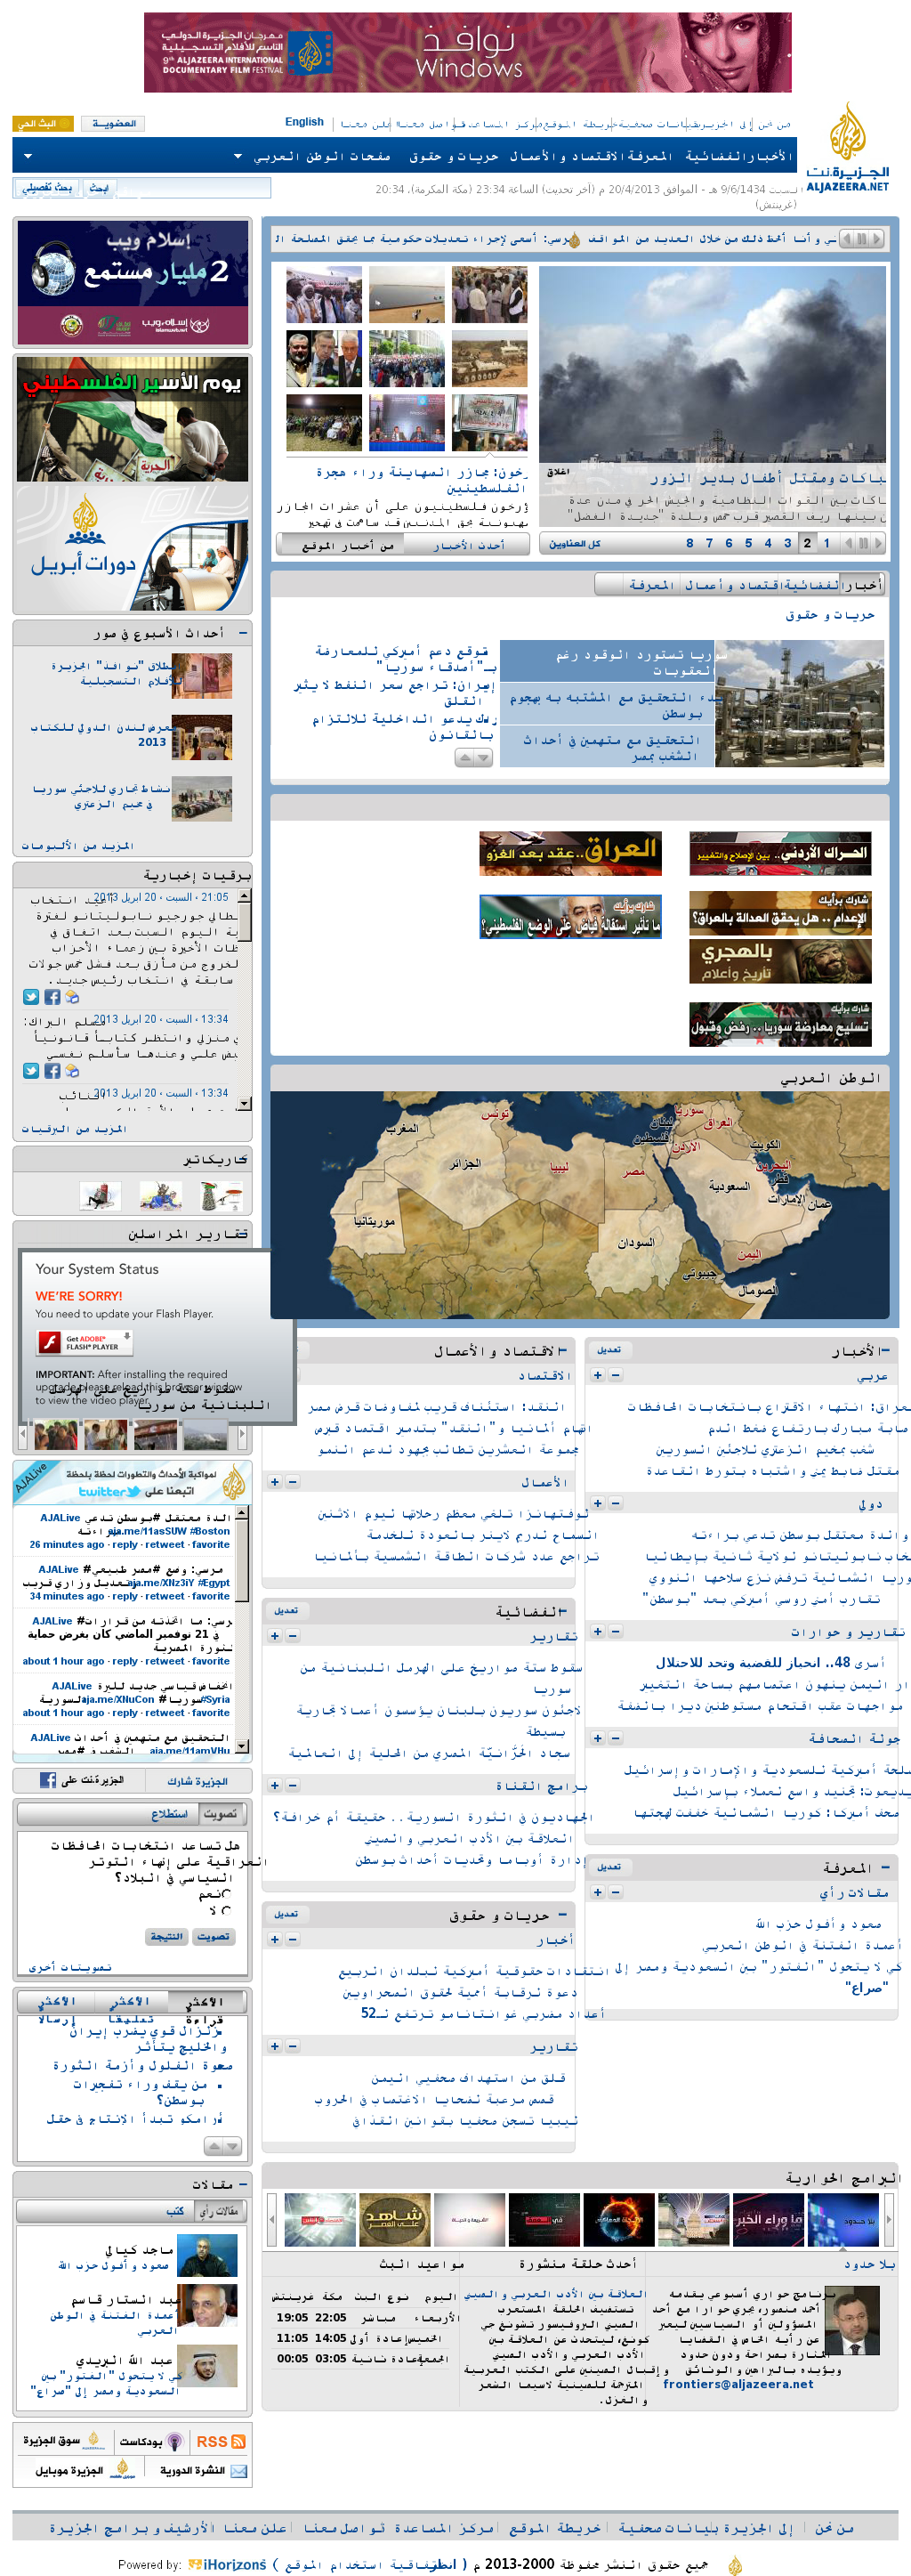 Al Jazeera at Saturday April 20, 2013, 9:10 p.m. UTC